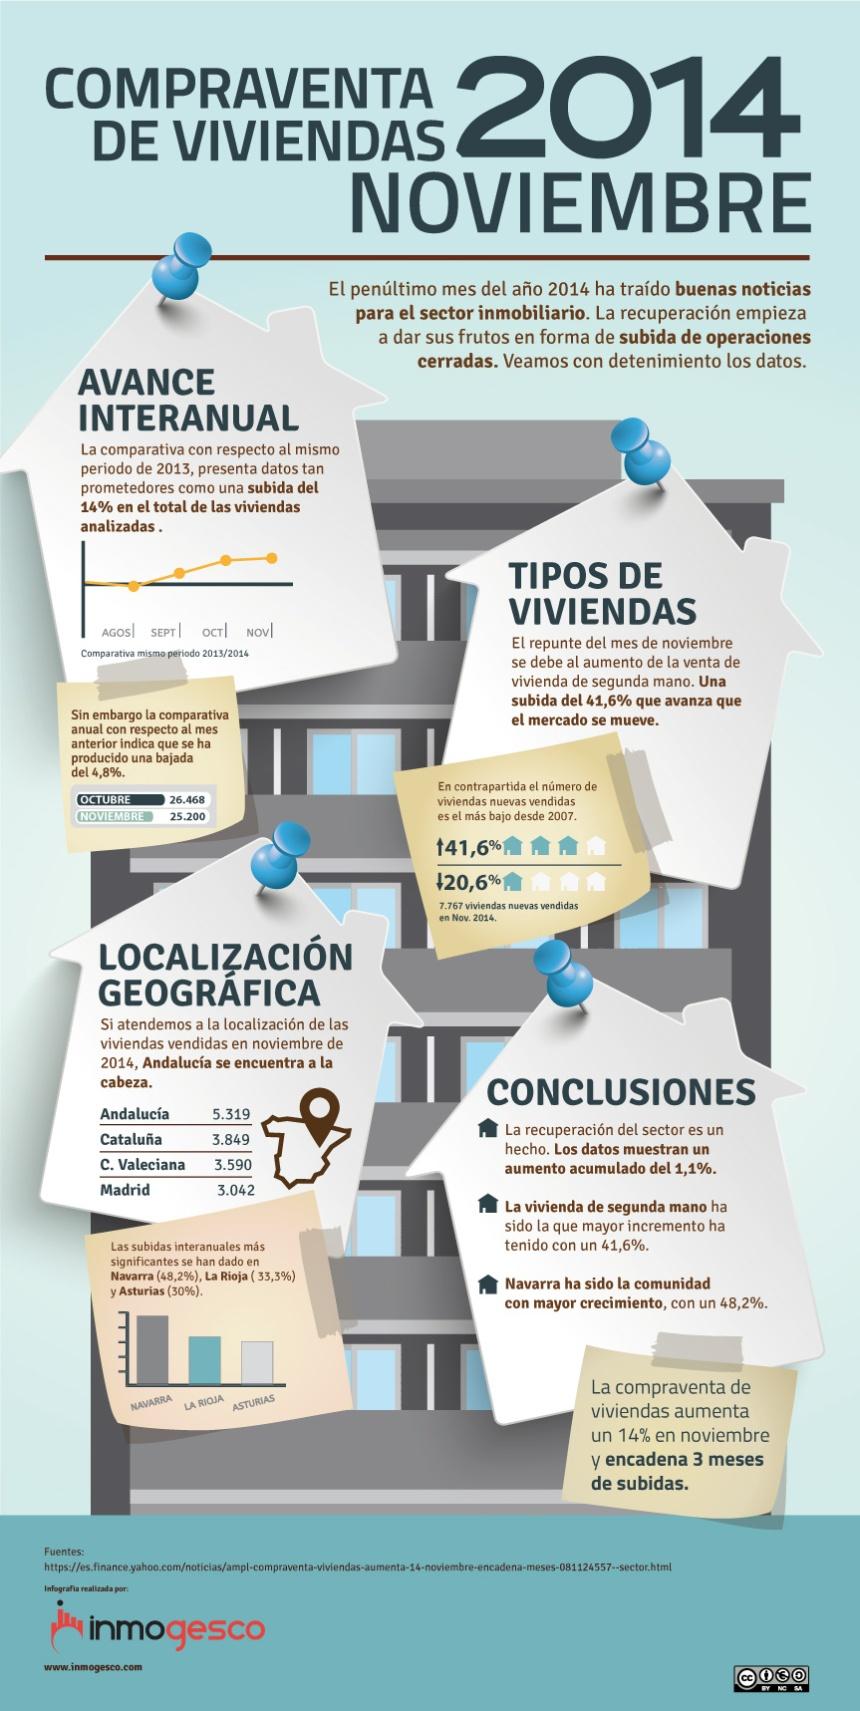 Compra venta de viviendas en España (11/2014)